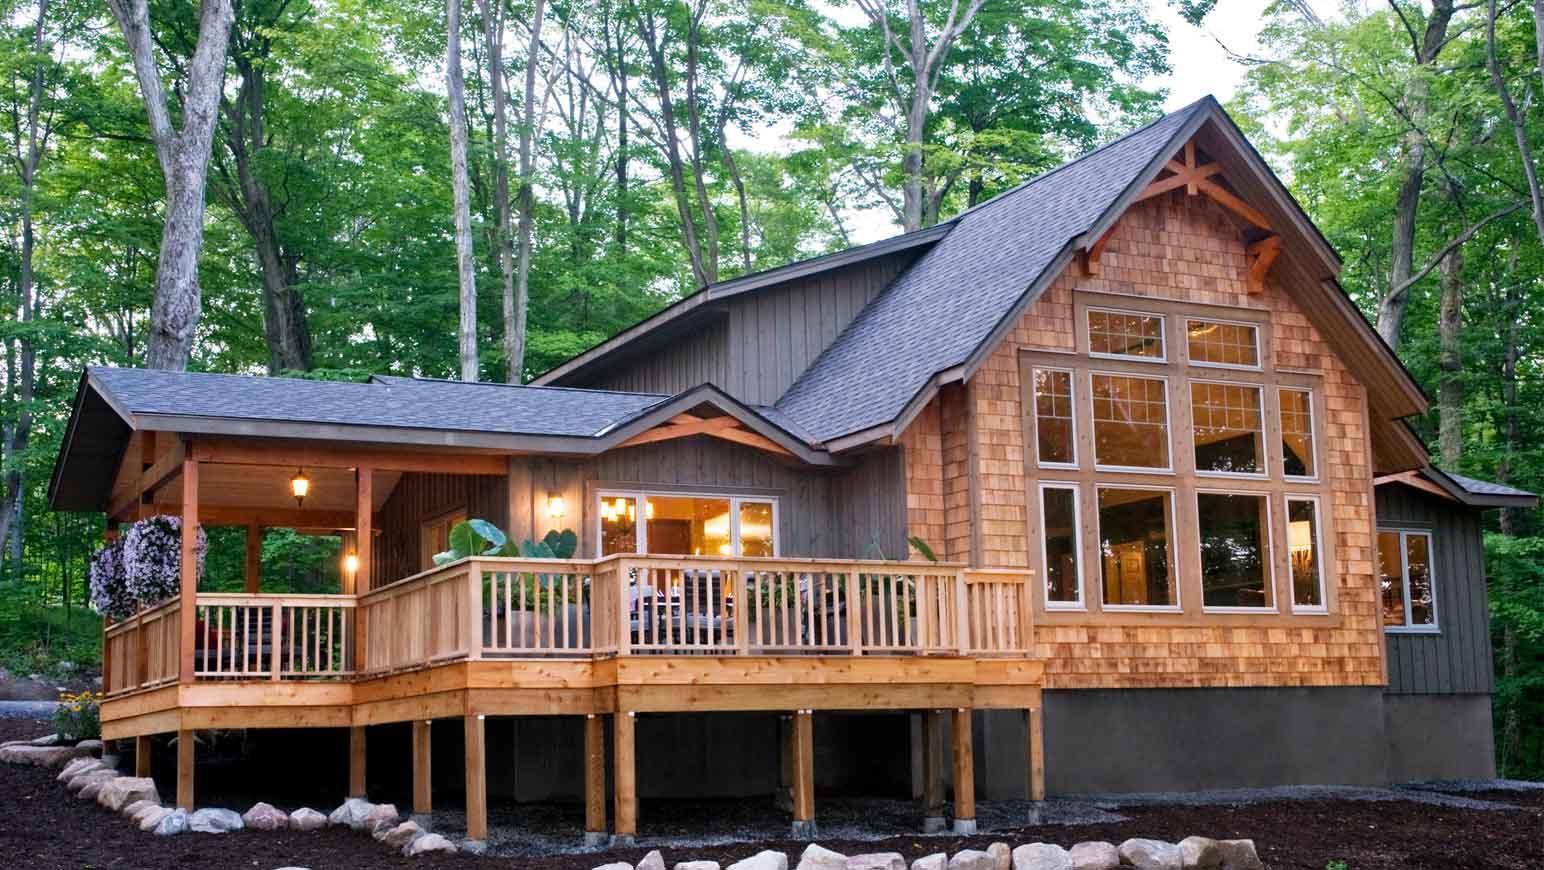 house plans - shorehaven